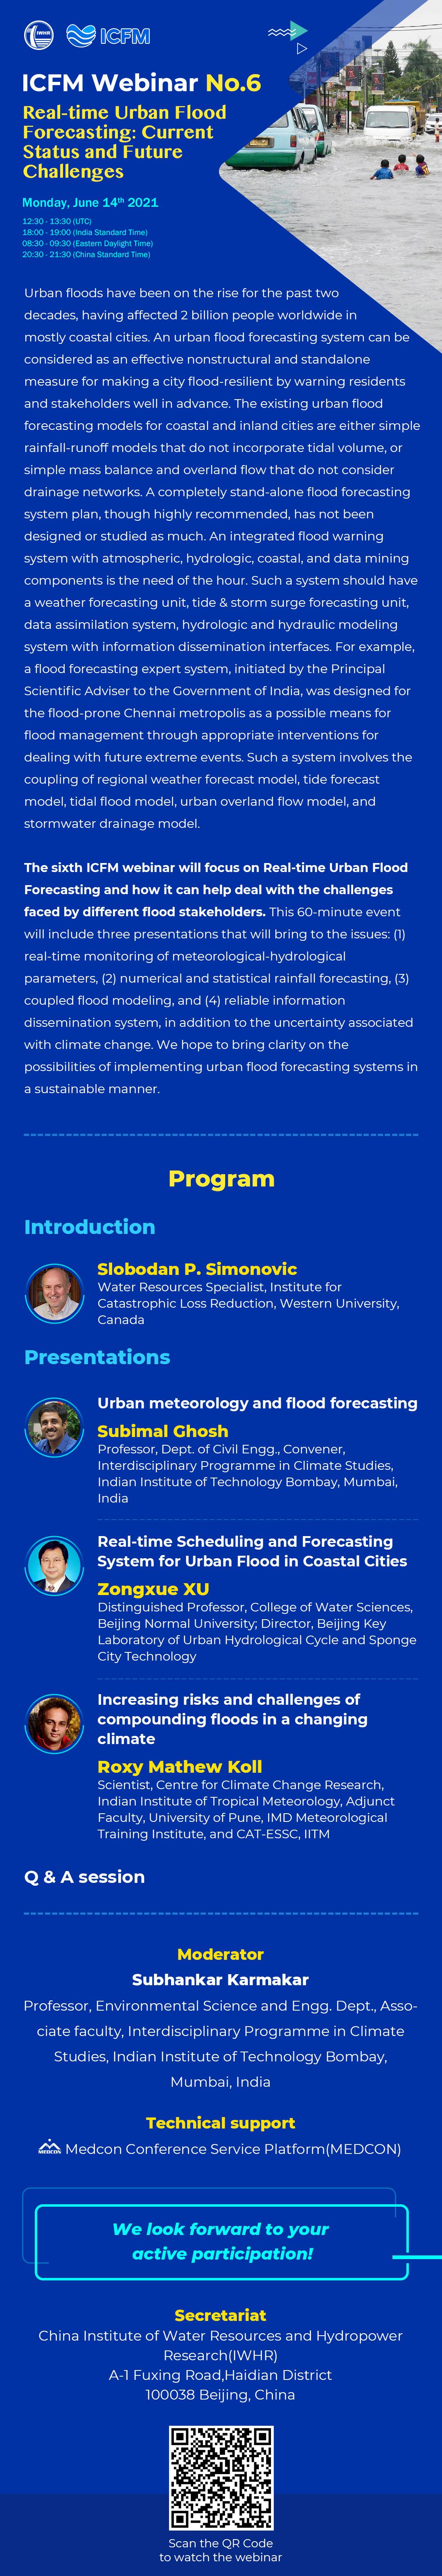 ICFM-Webinar-Global-Seminar-3-详情.jpg